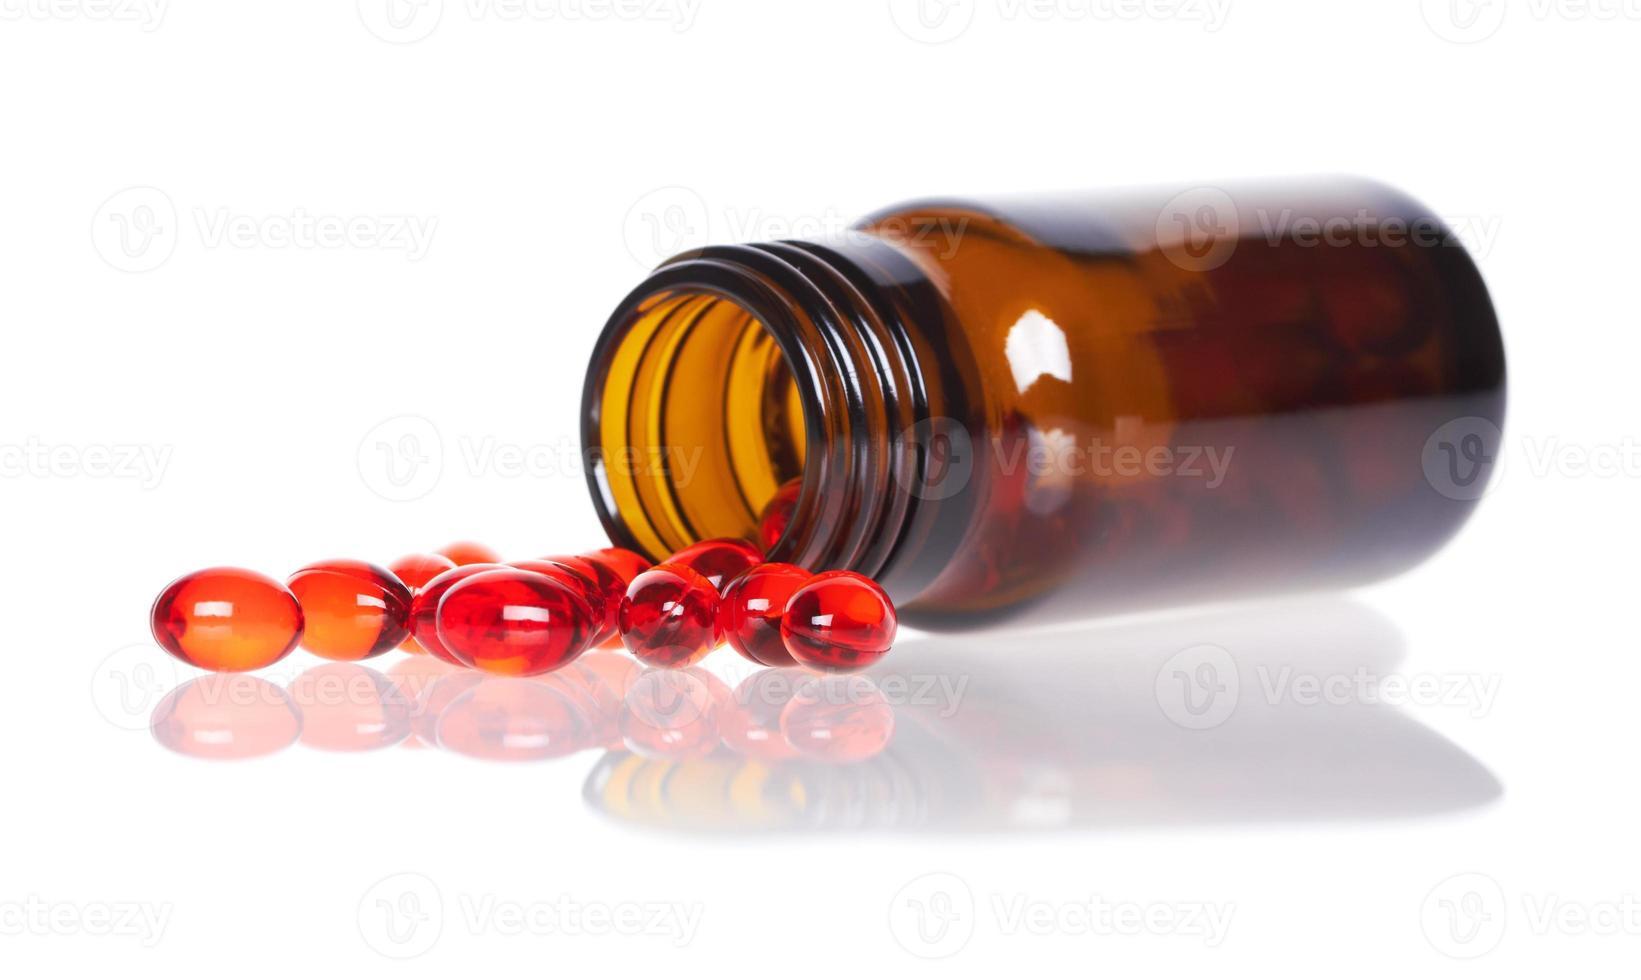 pílulas vermelhas um frasco de comprimidos foto